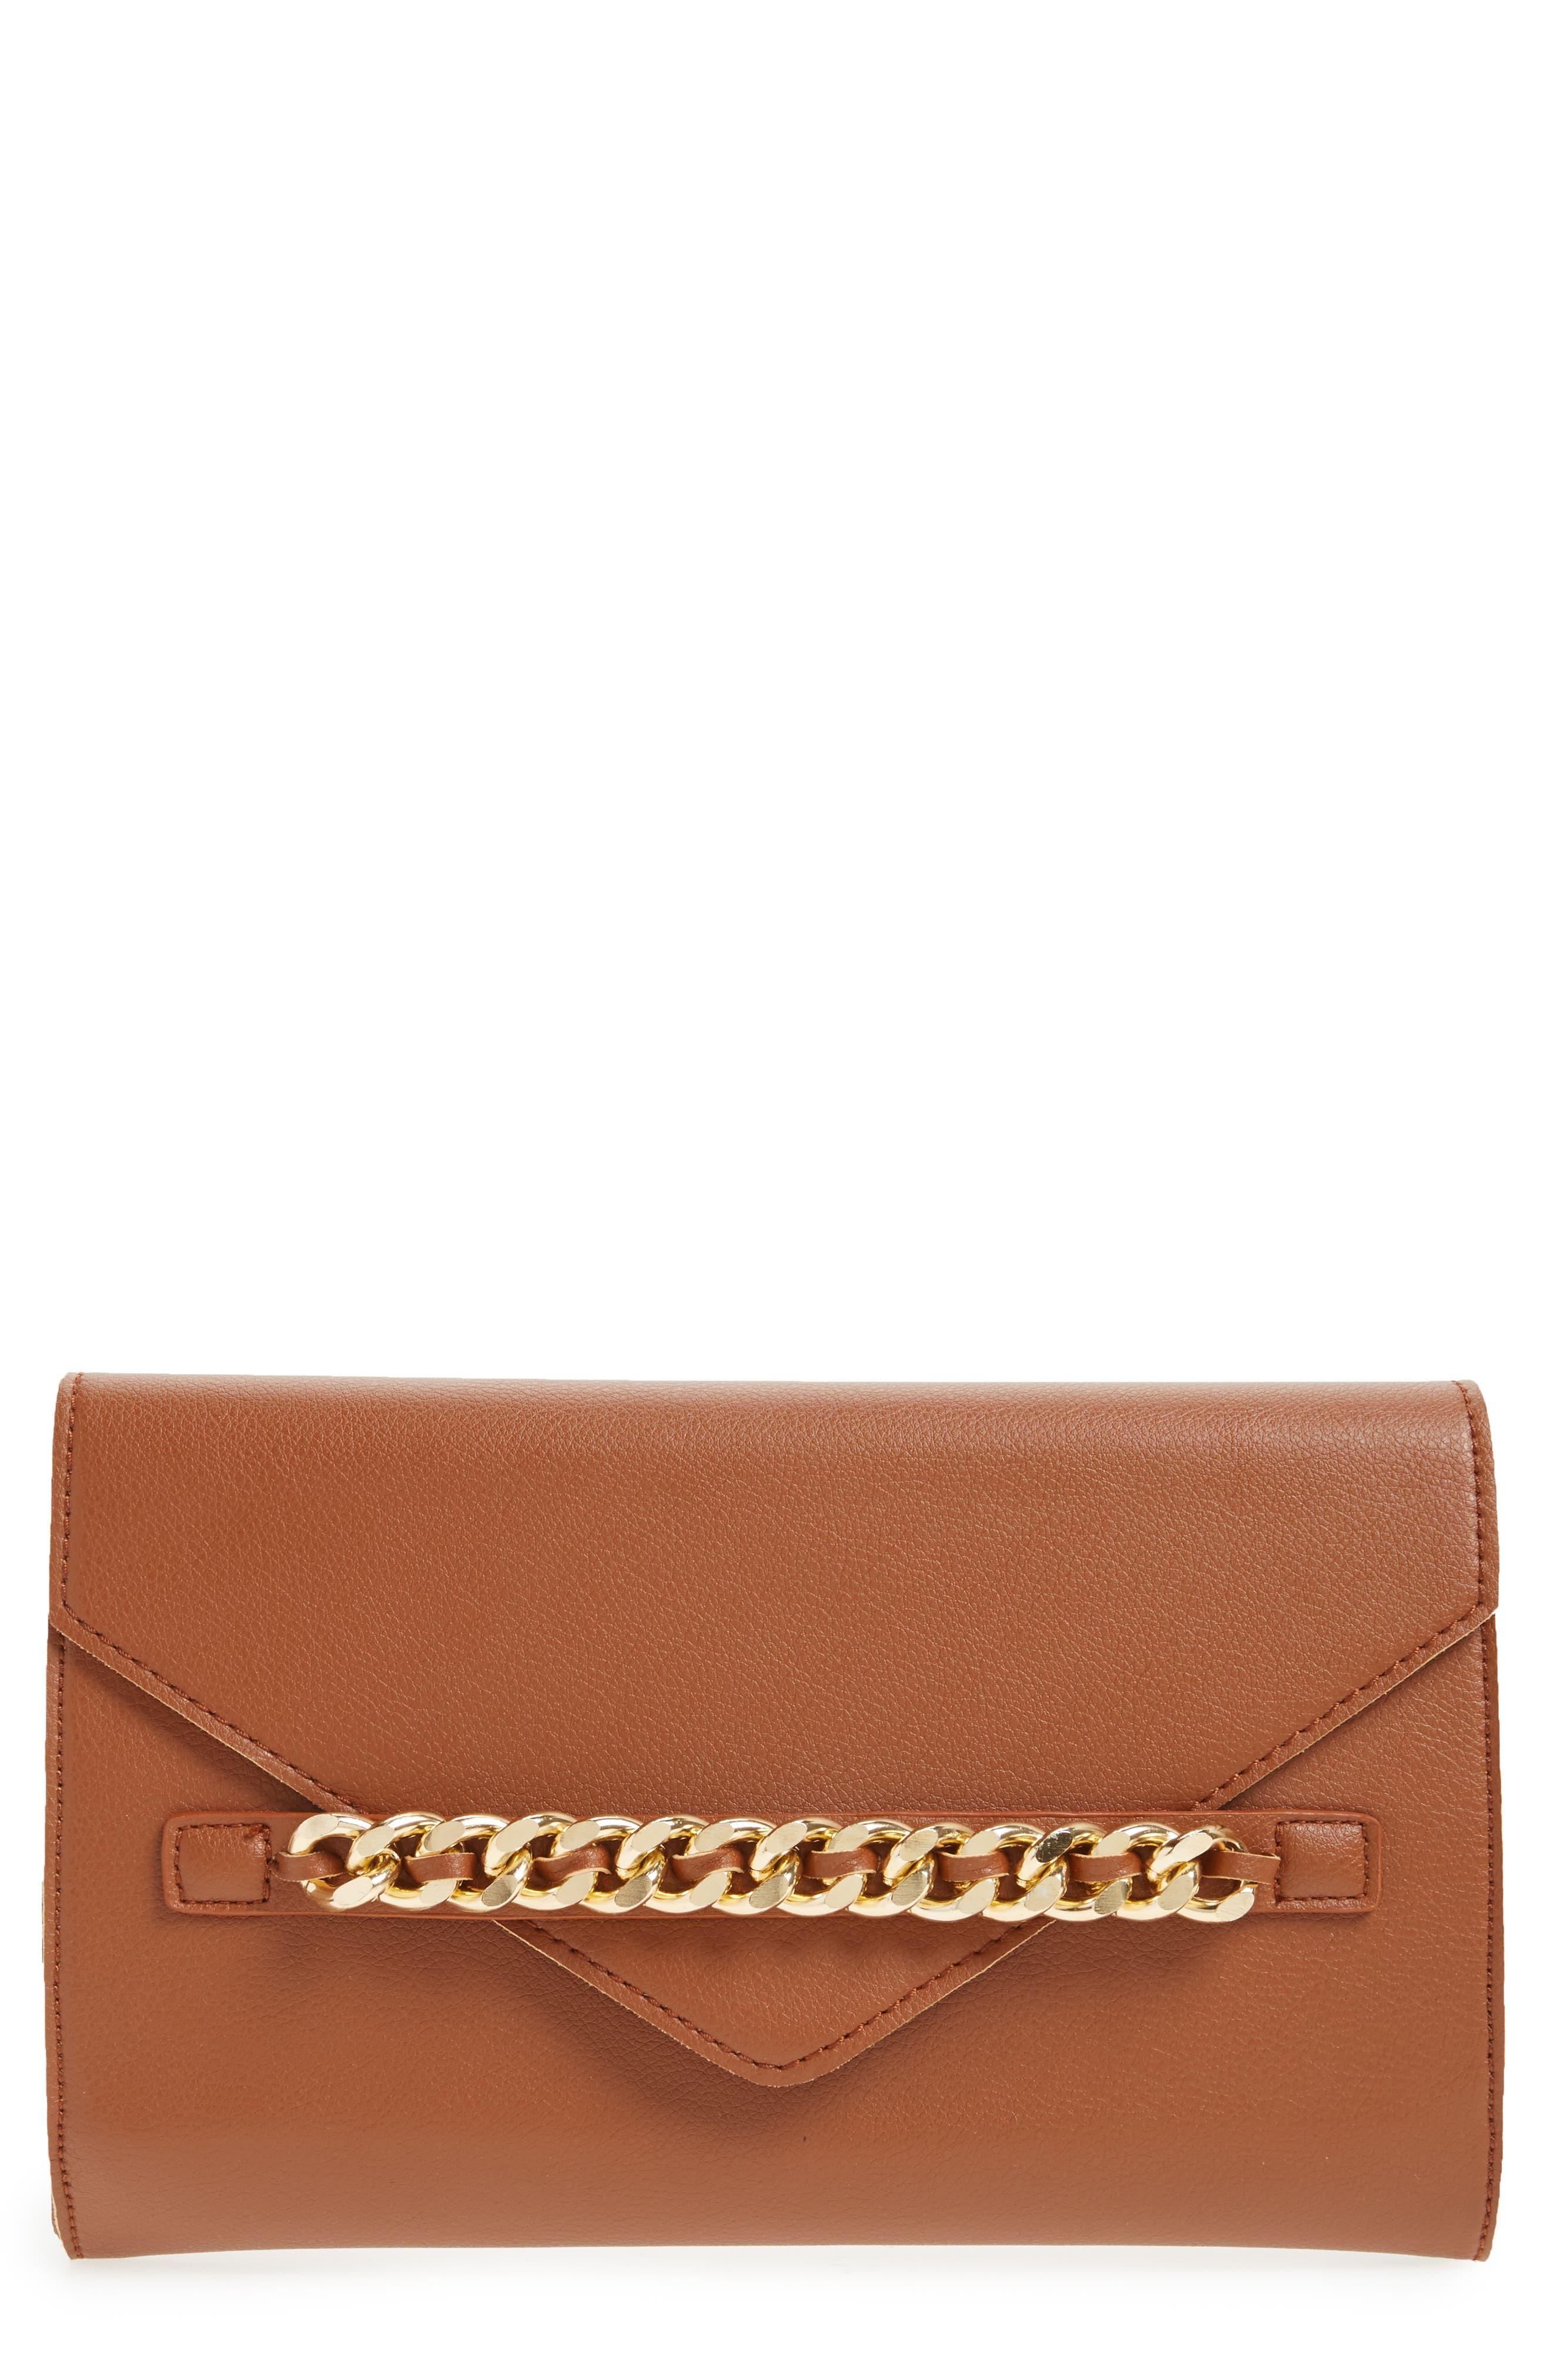 Chain Faux Leather Envelope Clutch,                         Main,                         color, Cognac